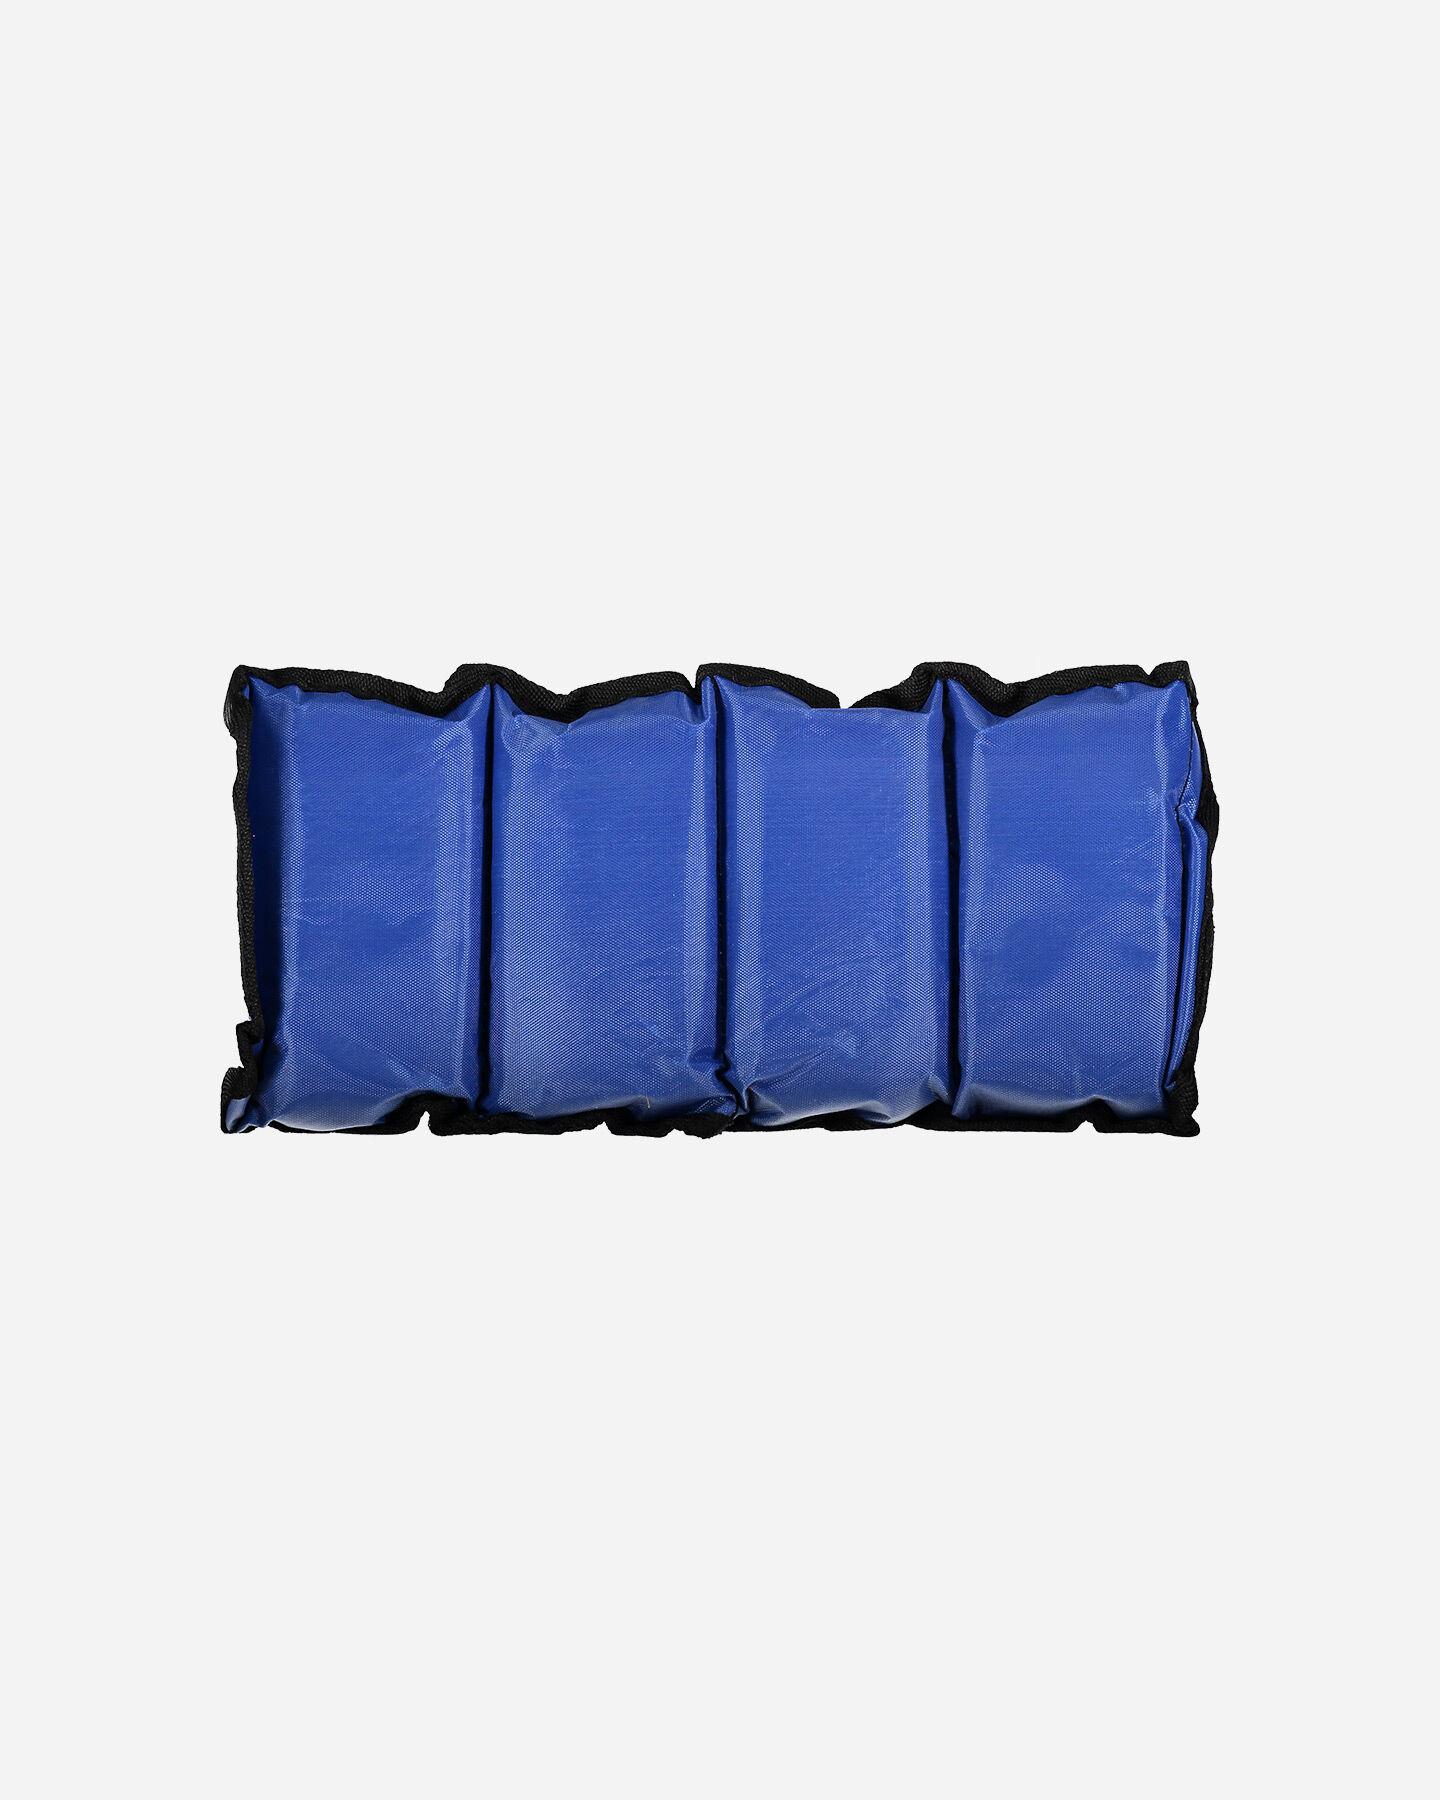 Accessorio pesistica CARNIELLI CAVIGLIERE 1,5 KG S1328745|1|UNI scatto 2